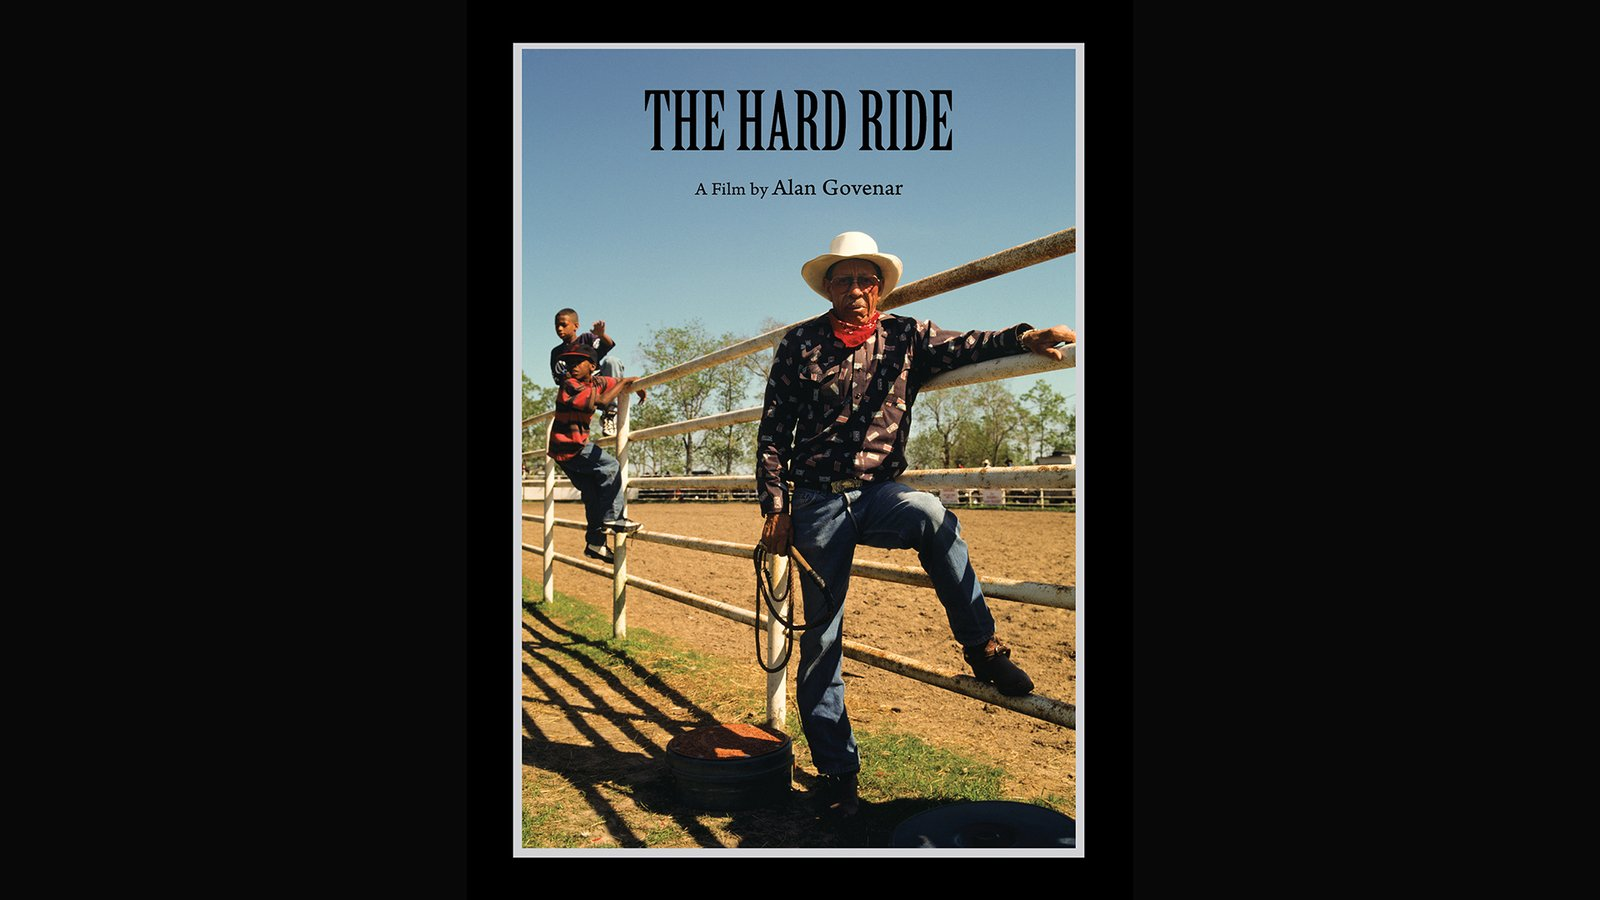 The Hard Ride - Black Cowboys at the Circle 6 Ranch